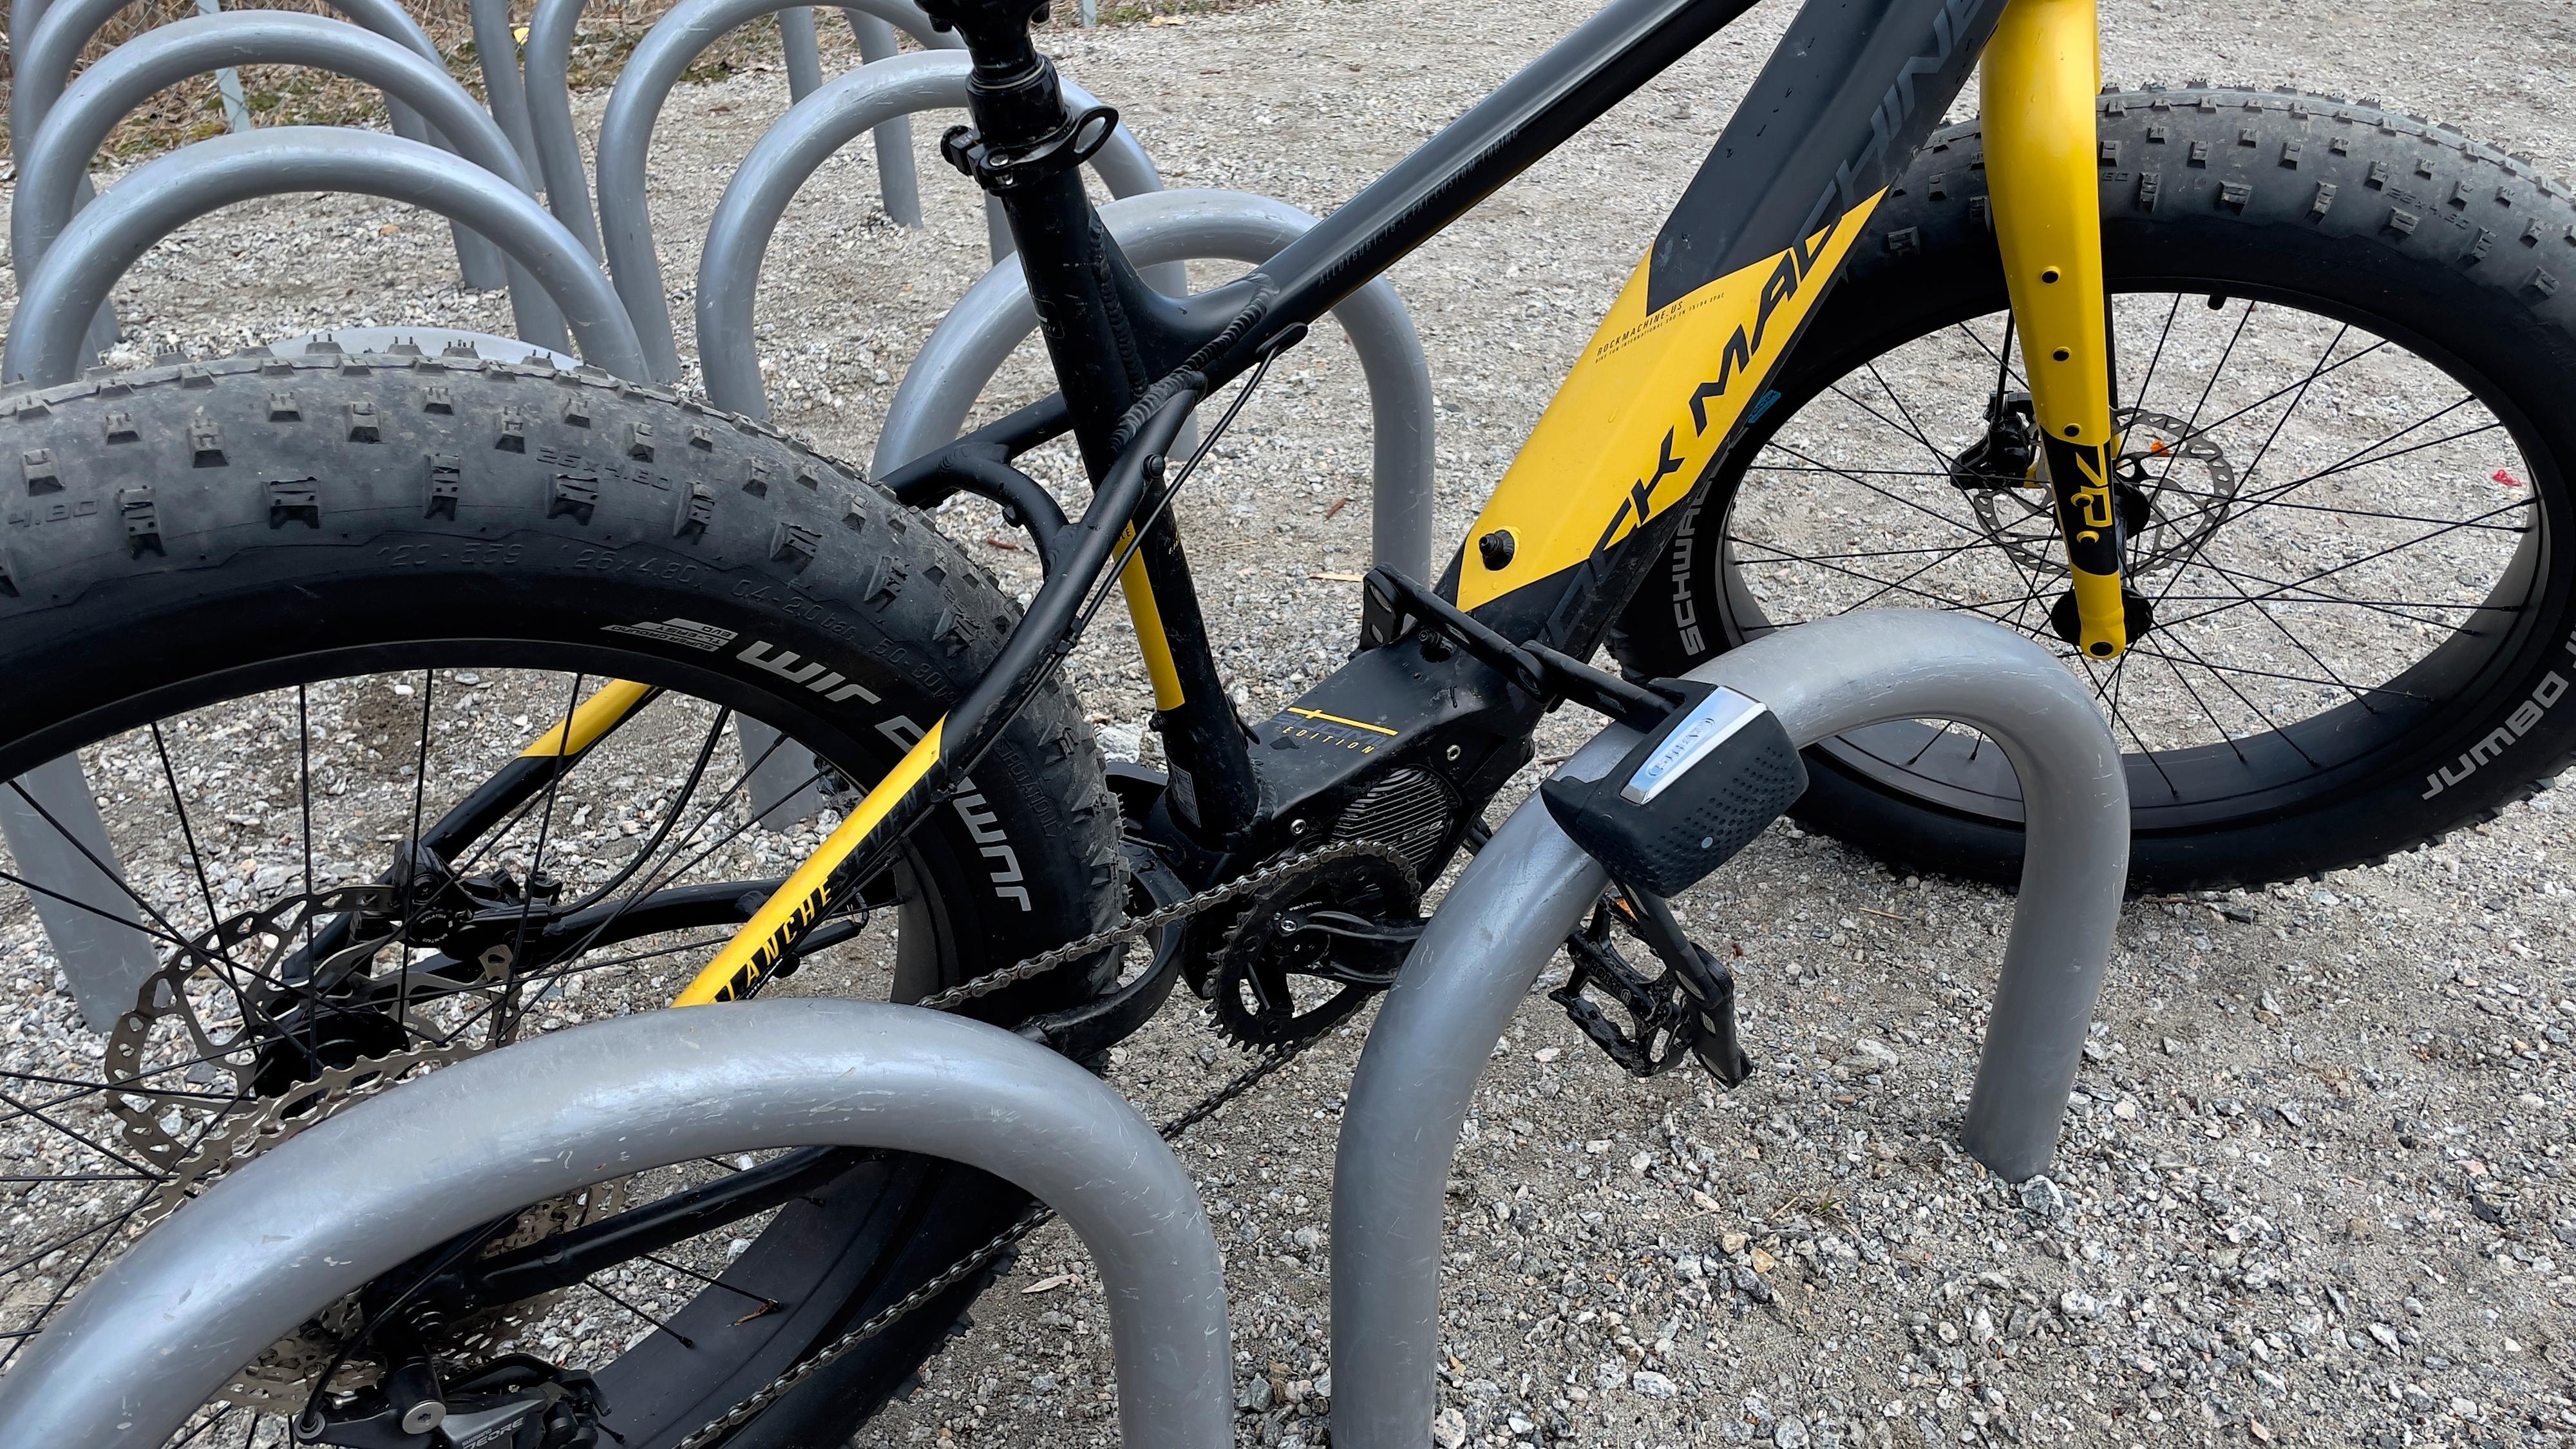 En lås gjennom rammen er en bedre måte å låse sykkelen på enn de andre alternativene over.